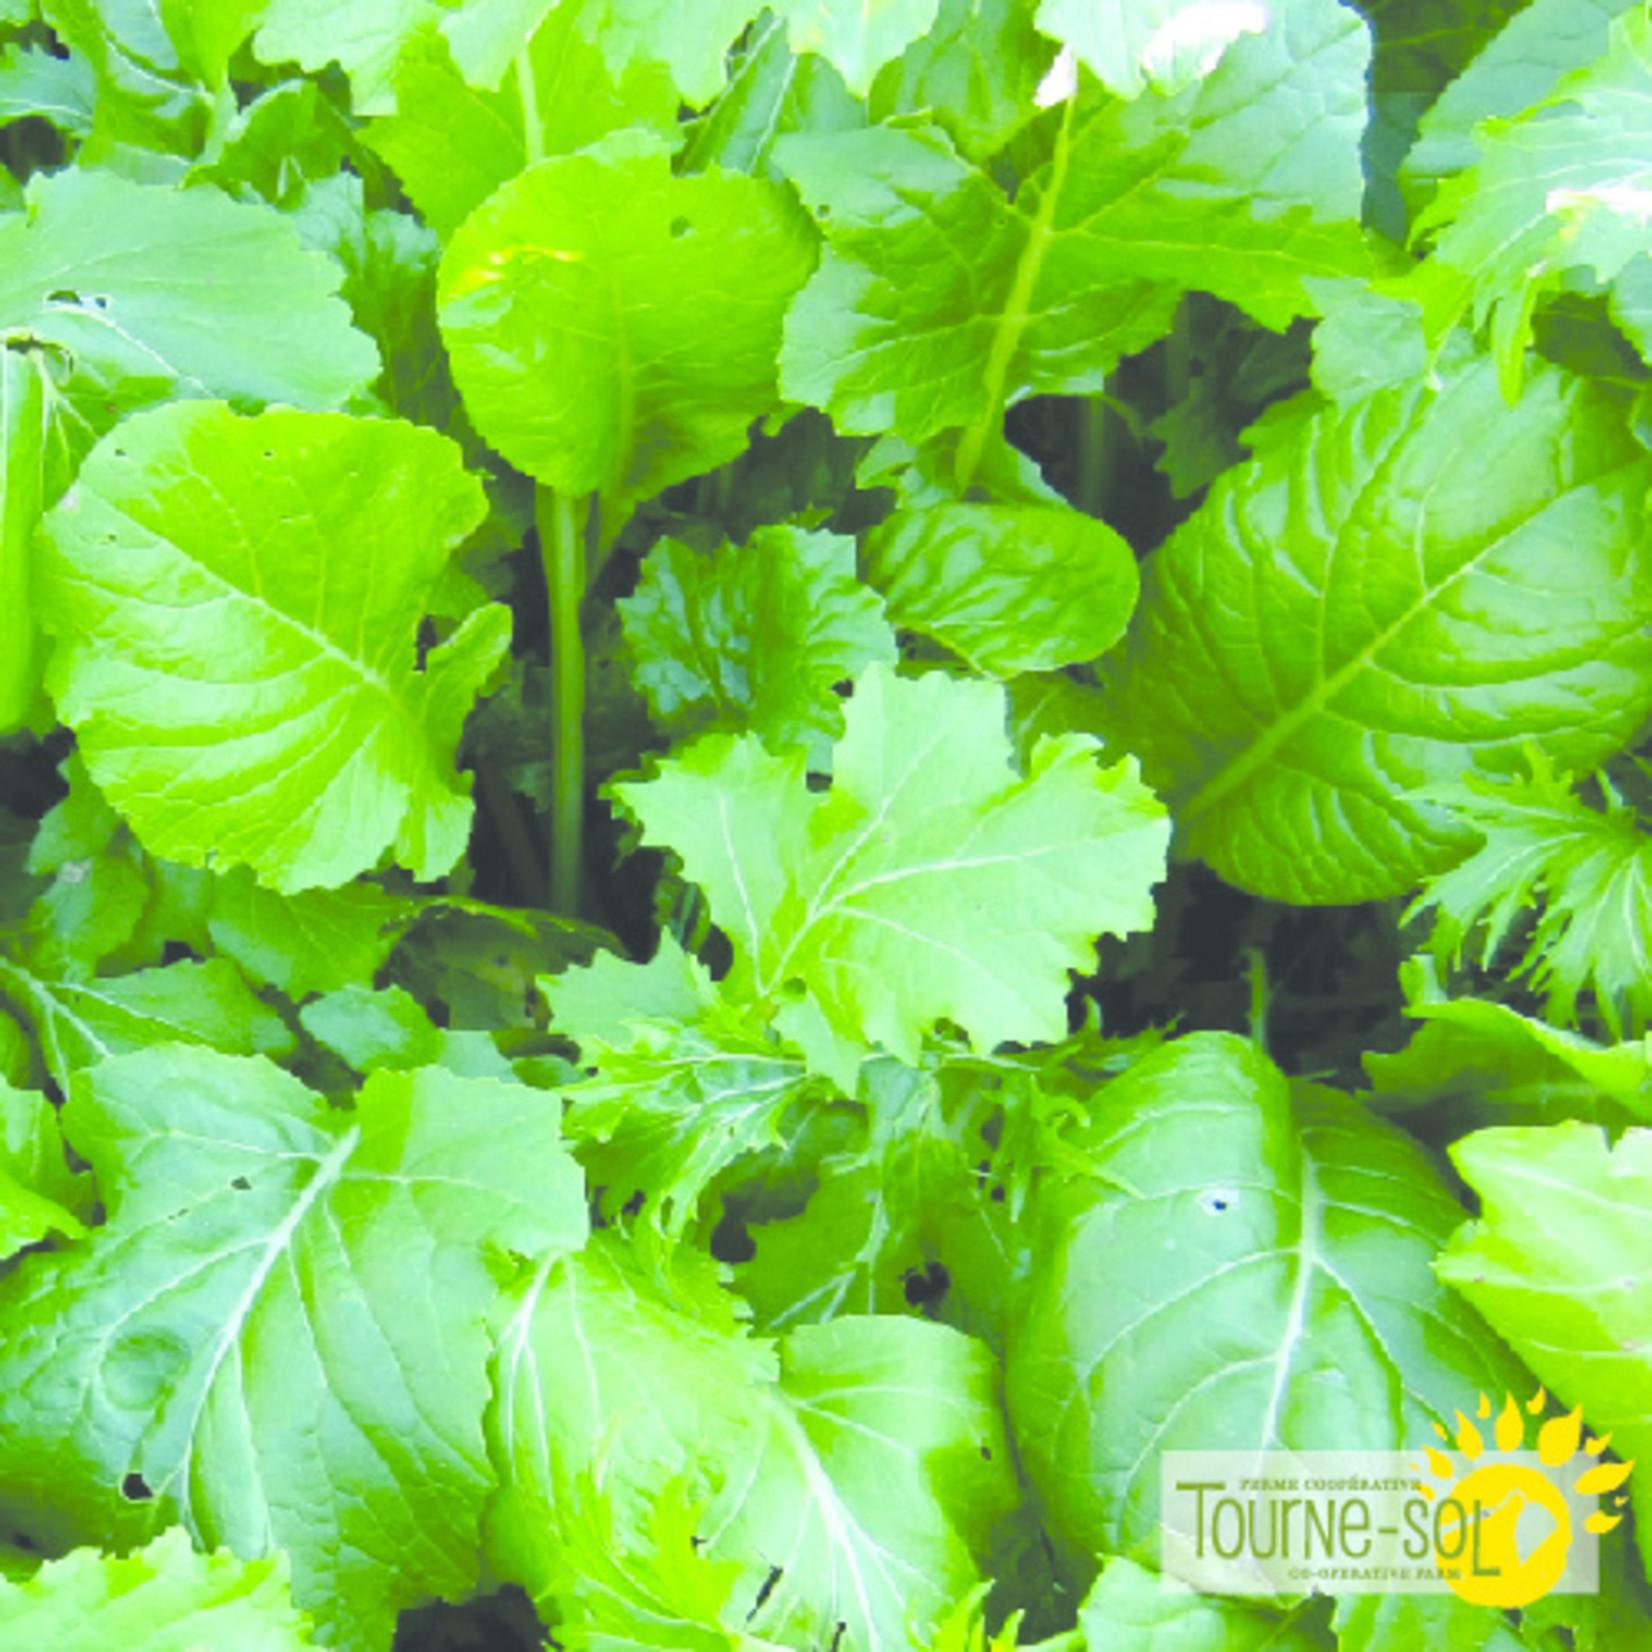 Tourne-Sol Basic brassica blend mesclun